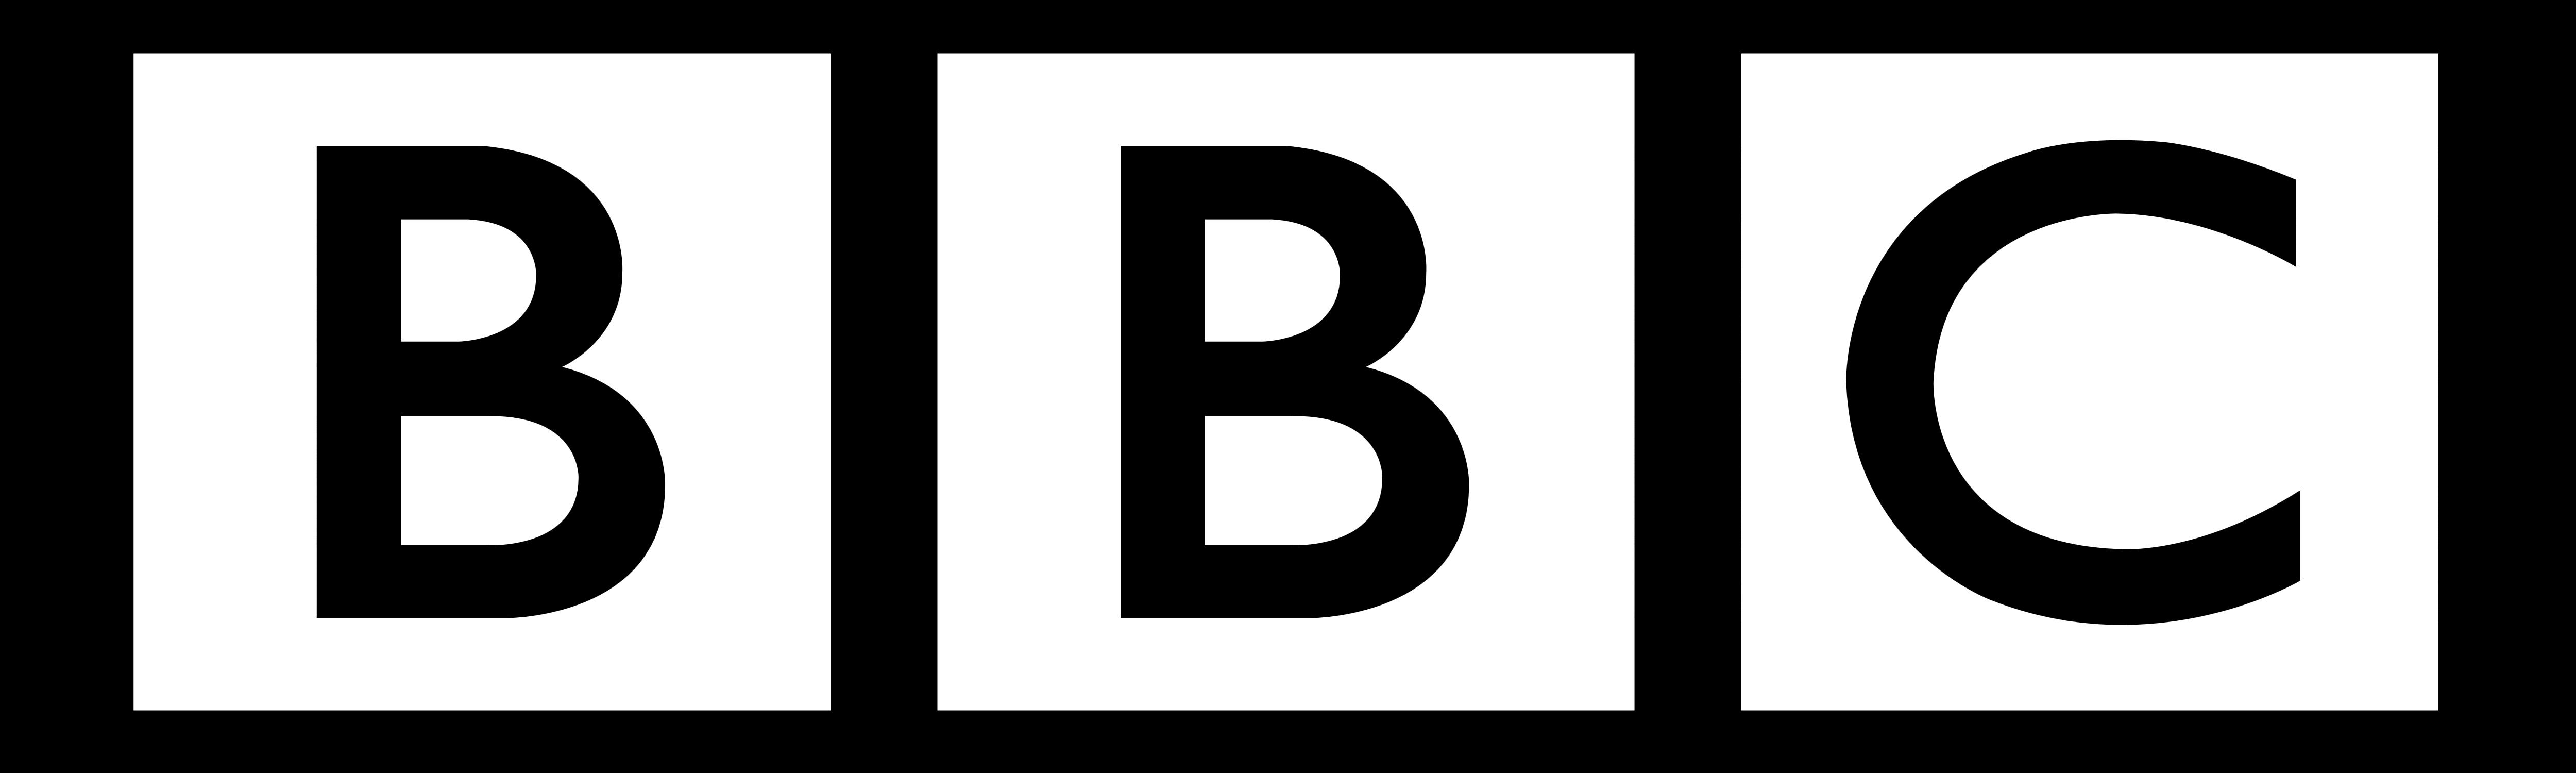 Resultado de imagem para logo bbc